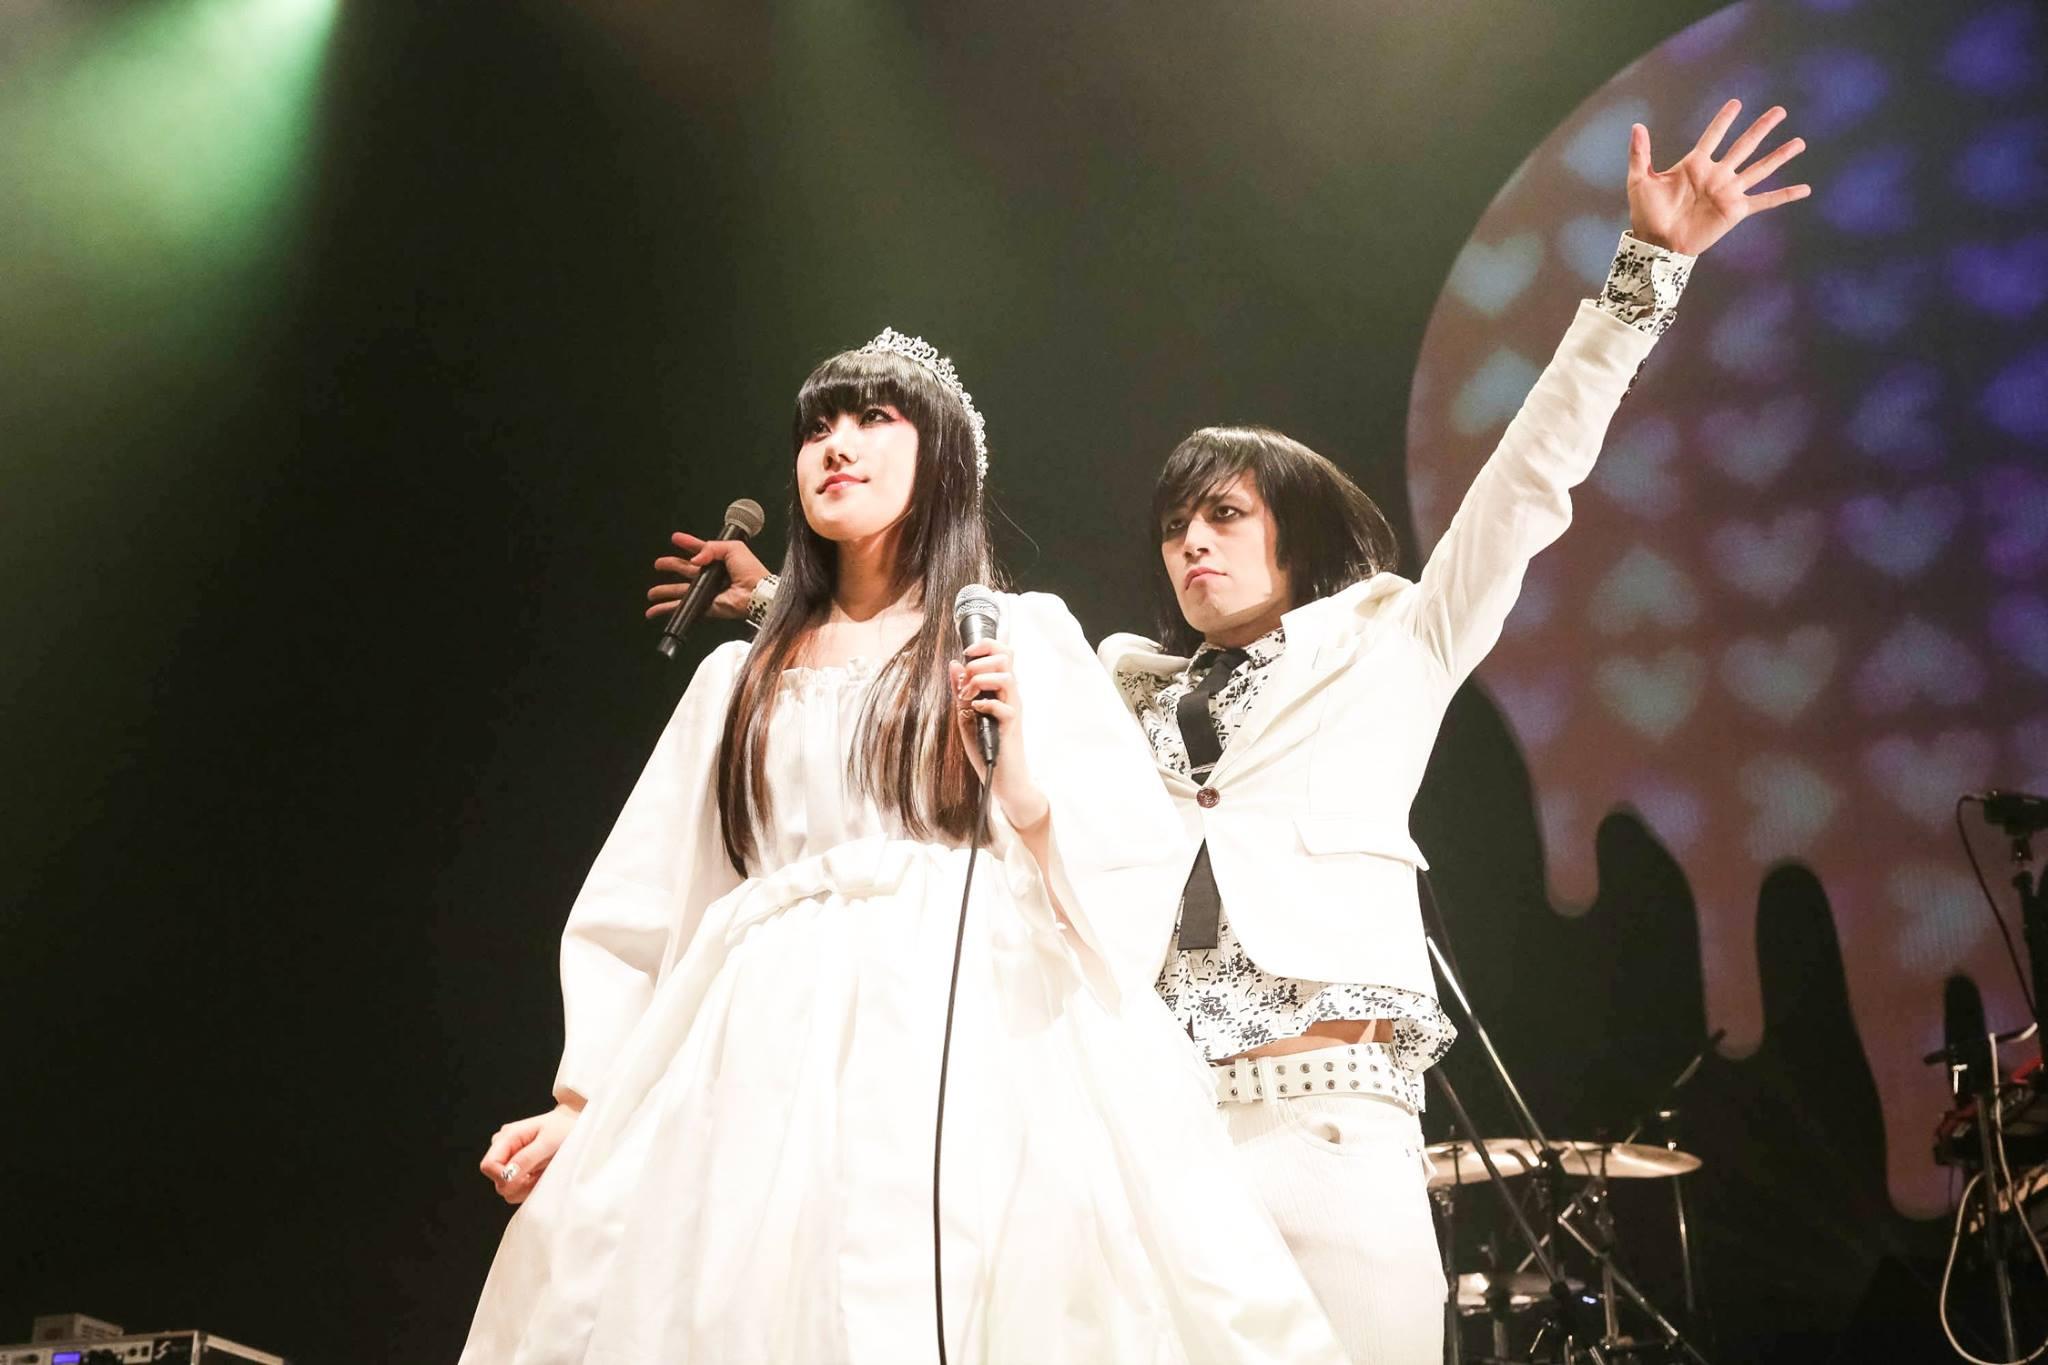 RMMS-URBANGARDE-Tenshi-de-Akuma-live-CD-C